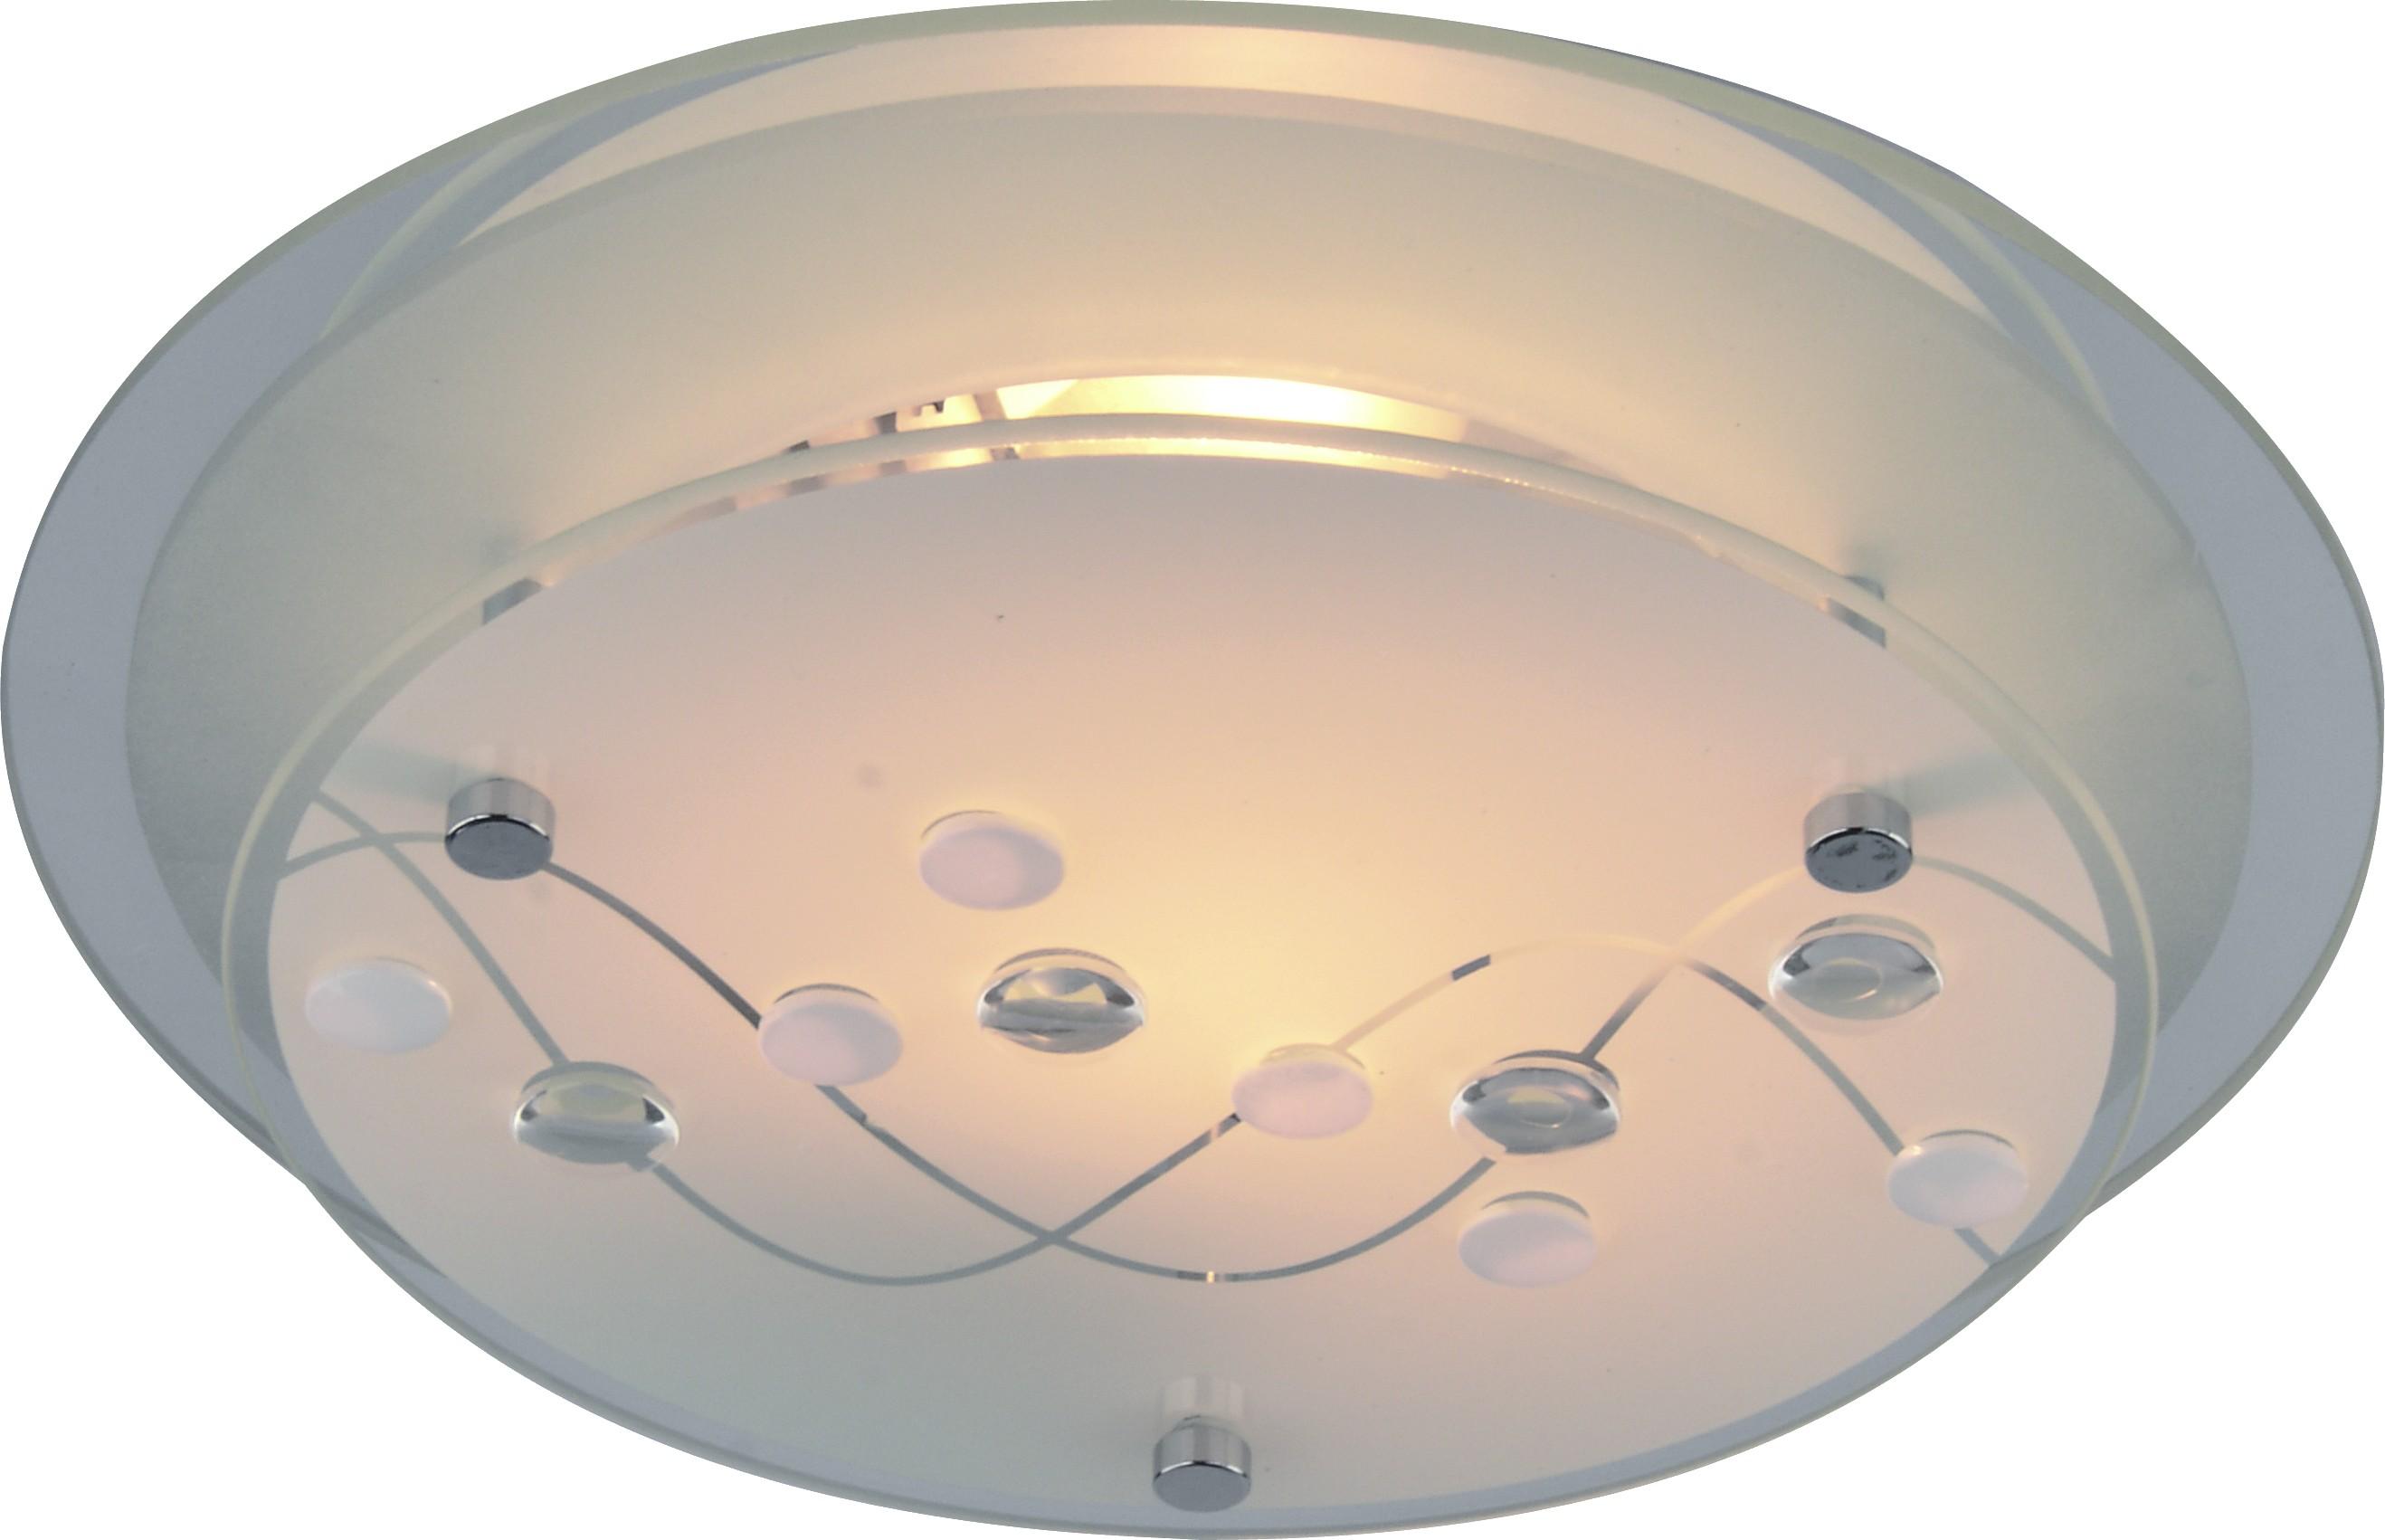 Светильник настенно-потолочный Arte lamp A4890pl-2cc светильник настенно потолочный arte lamp jasmine a4040pl 2cc 2x60вт e27 хром